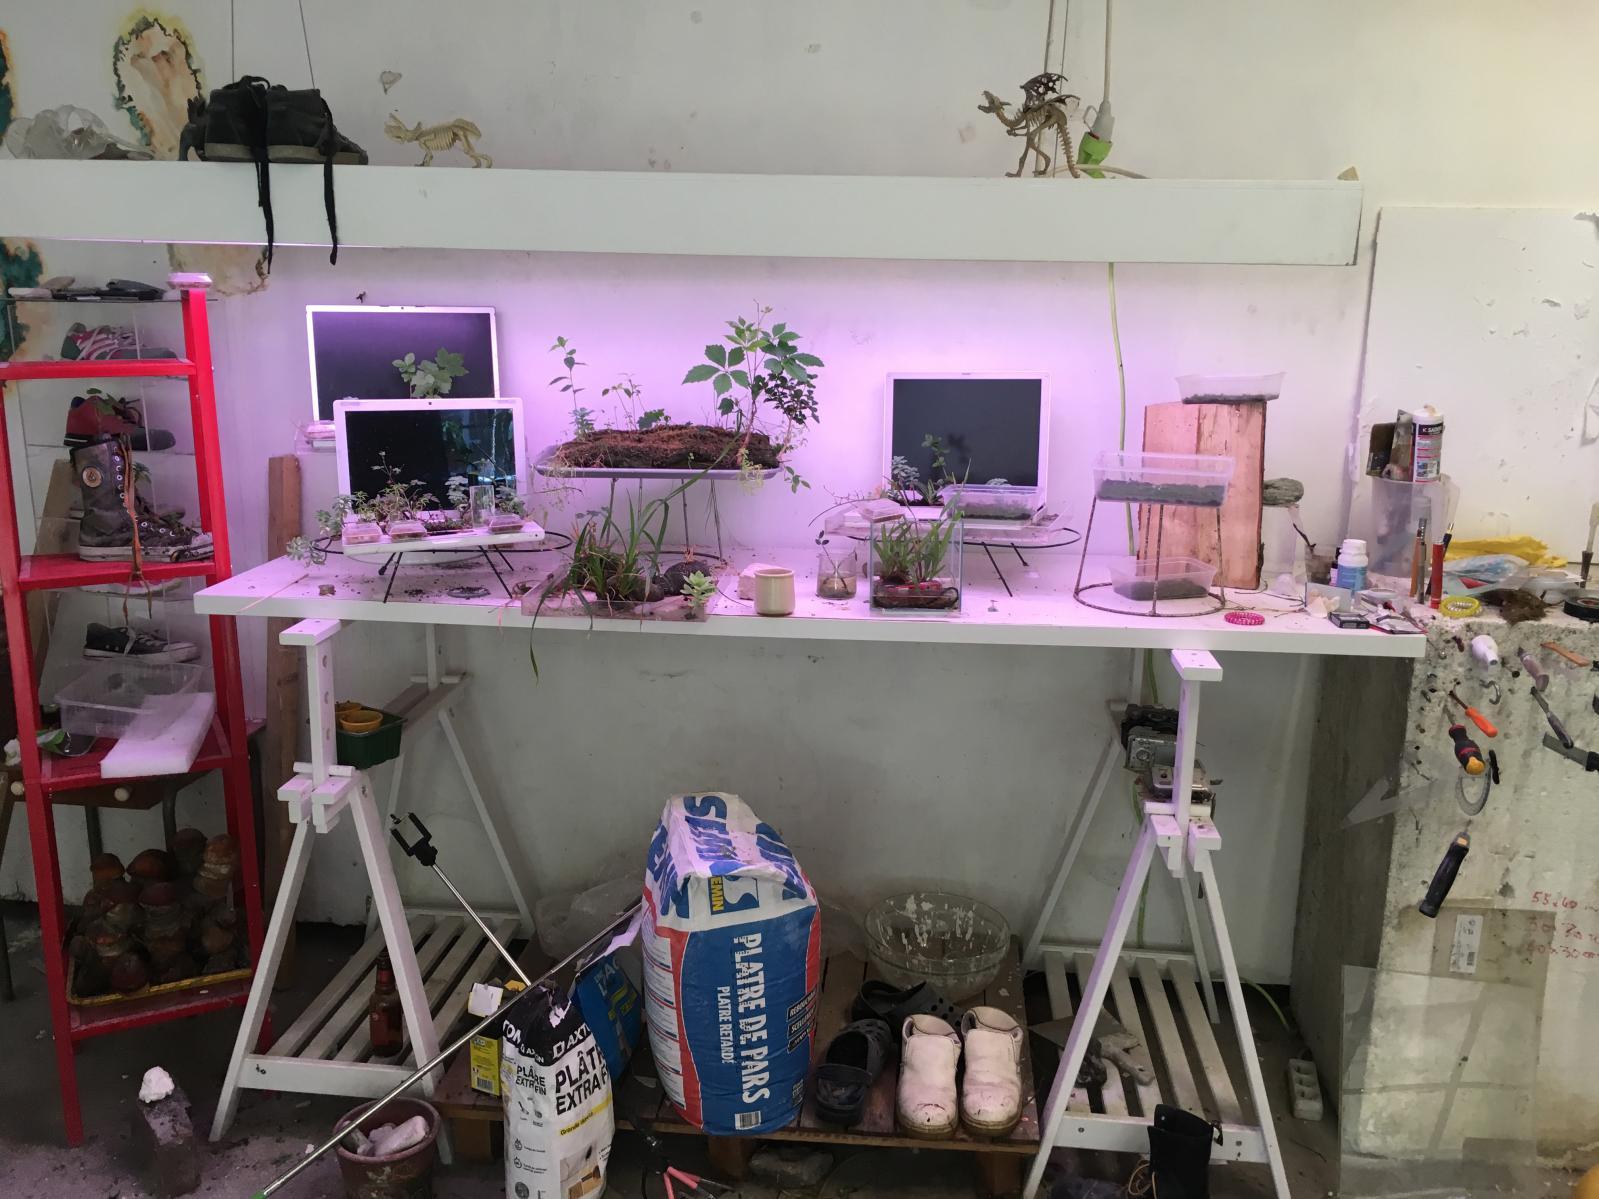 L'atelier de Michel Blazy à L'Ile-Saint-Denis.